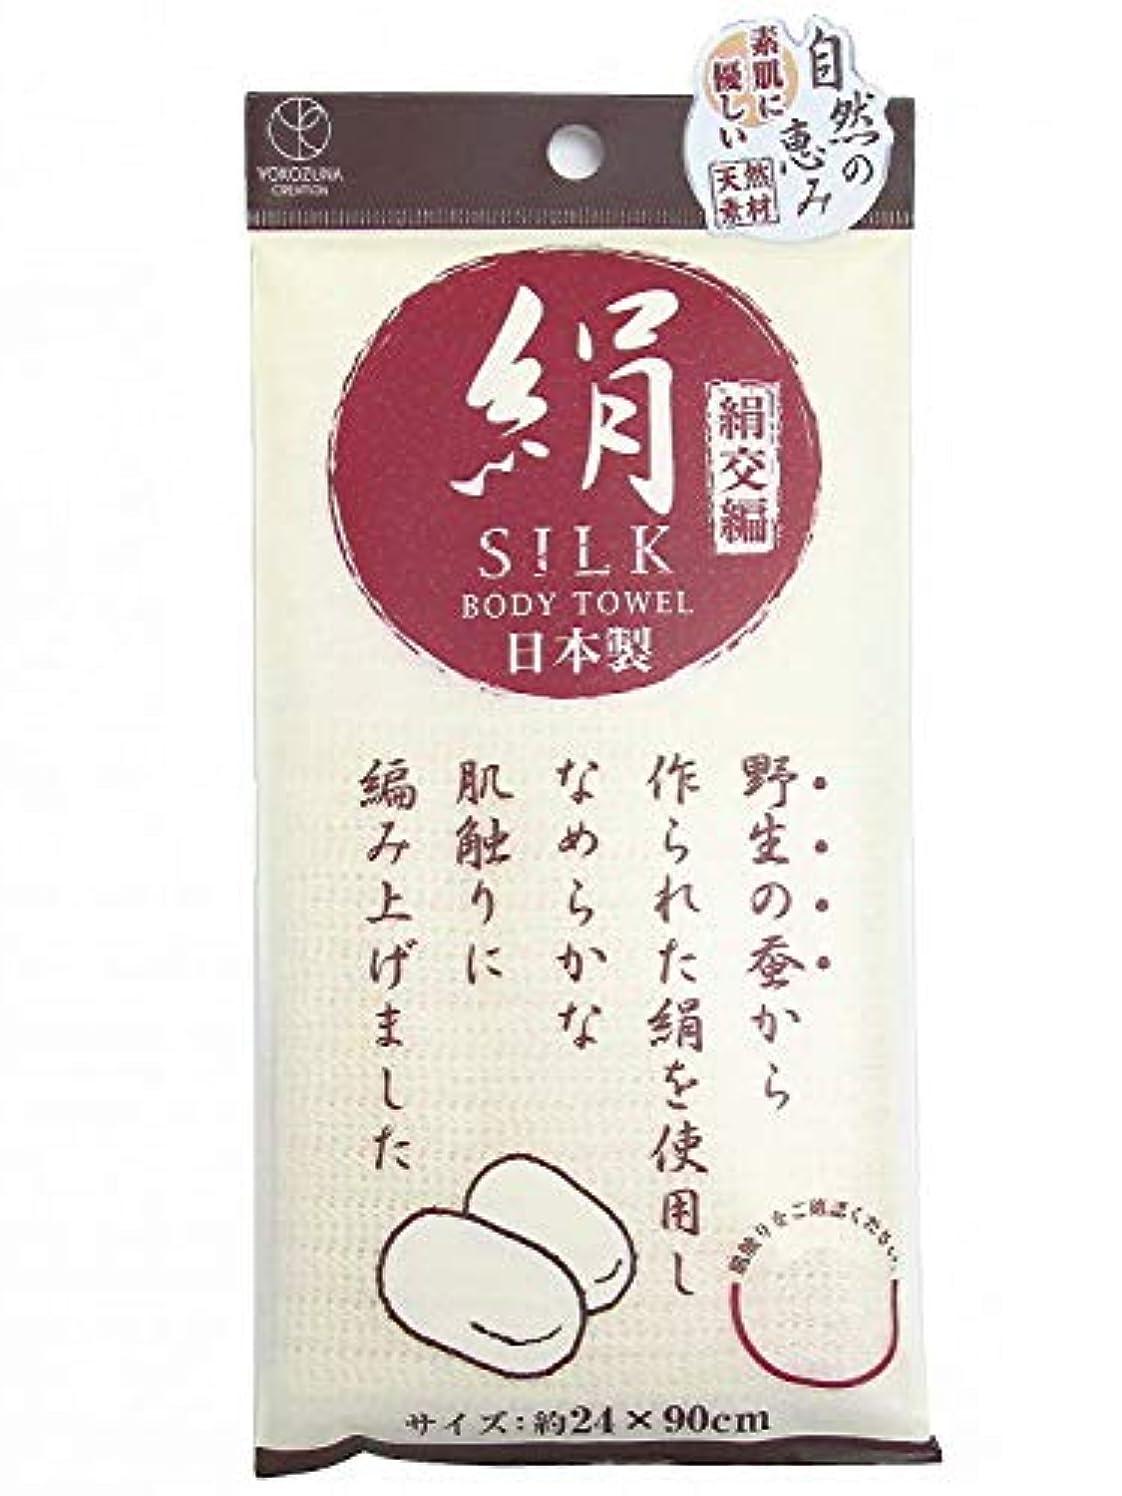 ピービッシュ世界的に柔らかいシルク ボディタオル 絹タオル ボディータオル バス 風呂 ボディケア 絹 敏感肌 浴用 (クリーム)